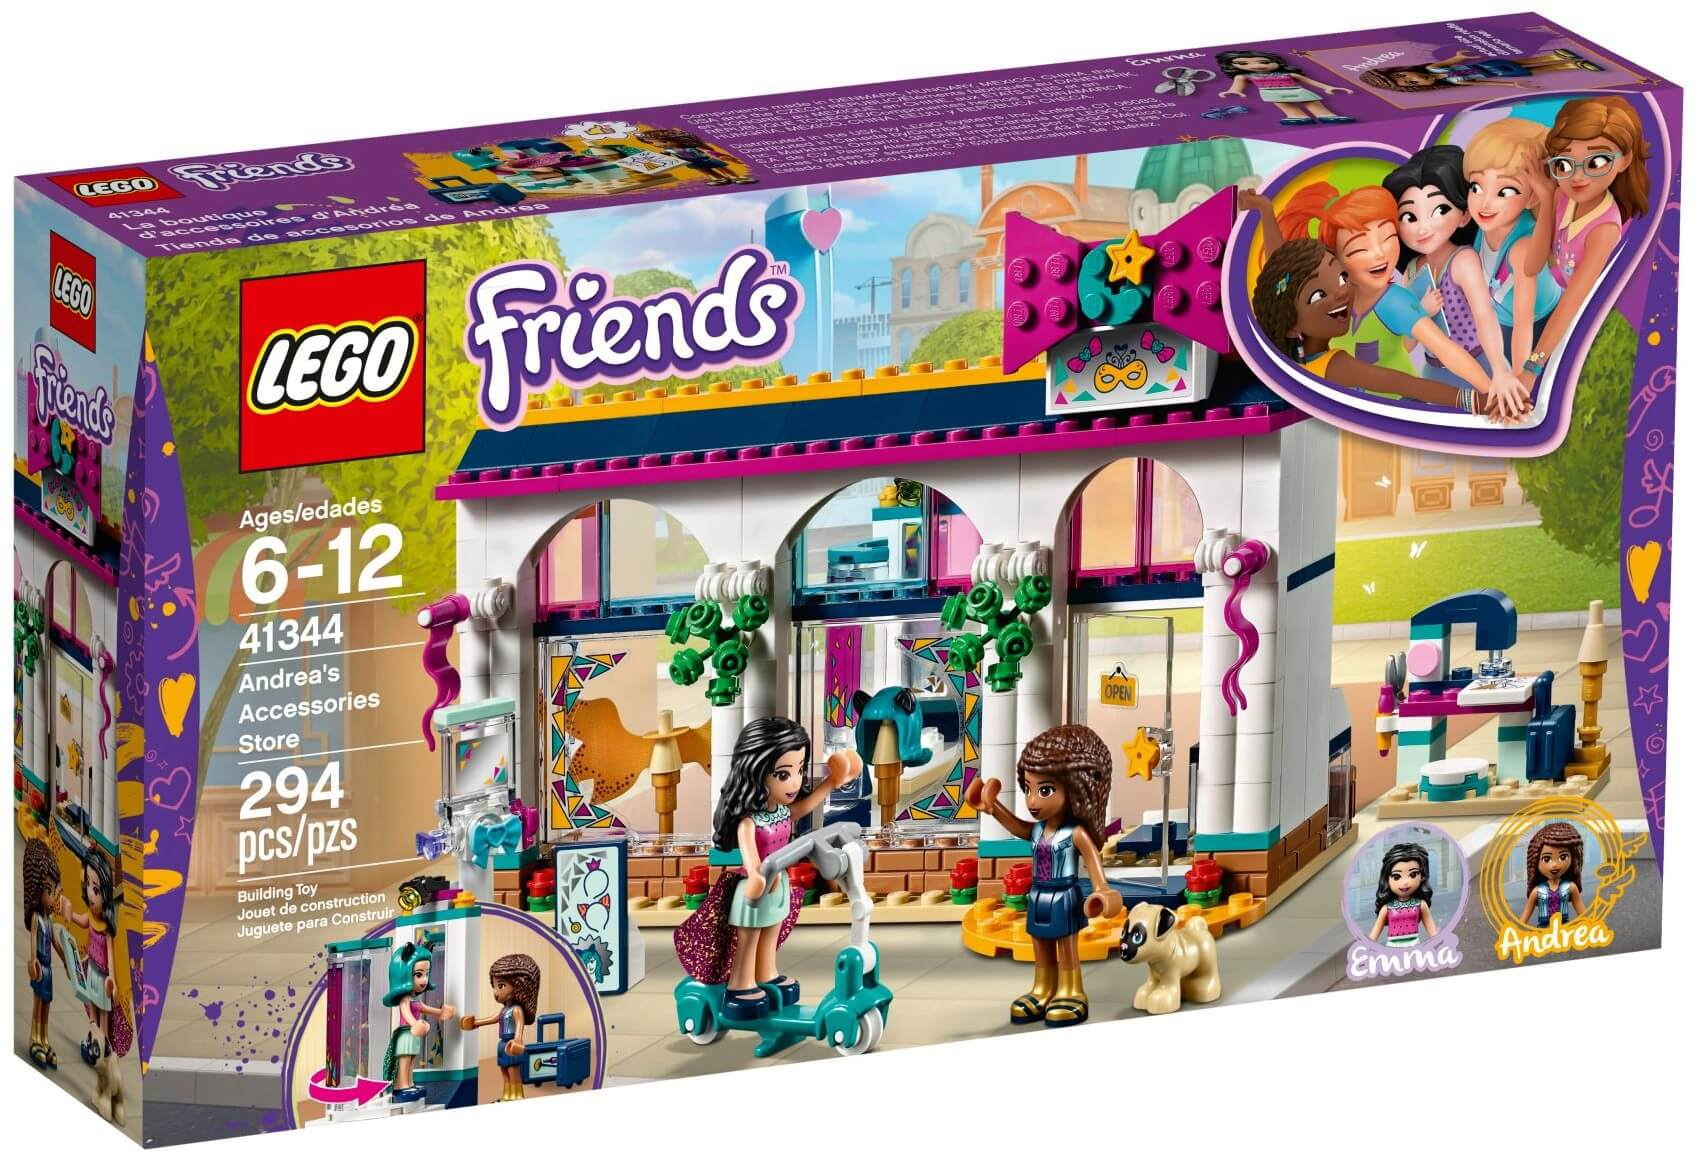 Mua đồ chơi LEGO 41344 - LEGO Friends 41344 - Cửa Hàng Thời Trang của Andrea (LEGO 41344 Andrea's Accessories Store)